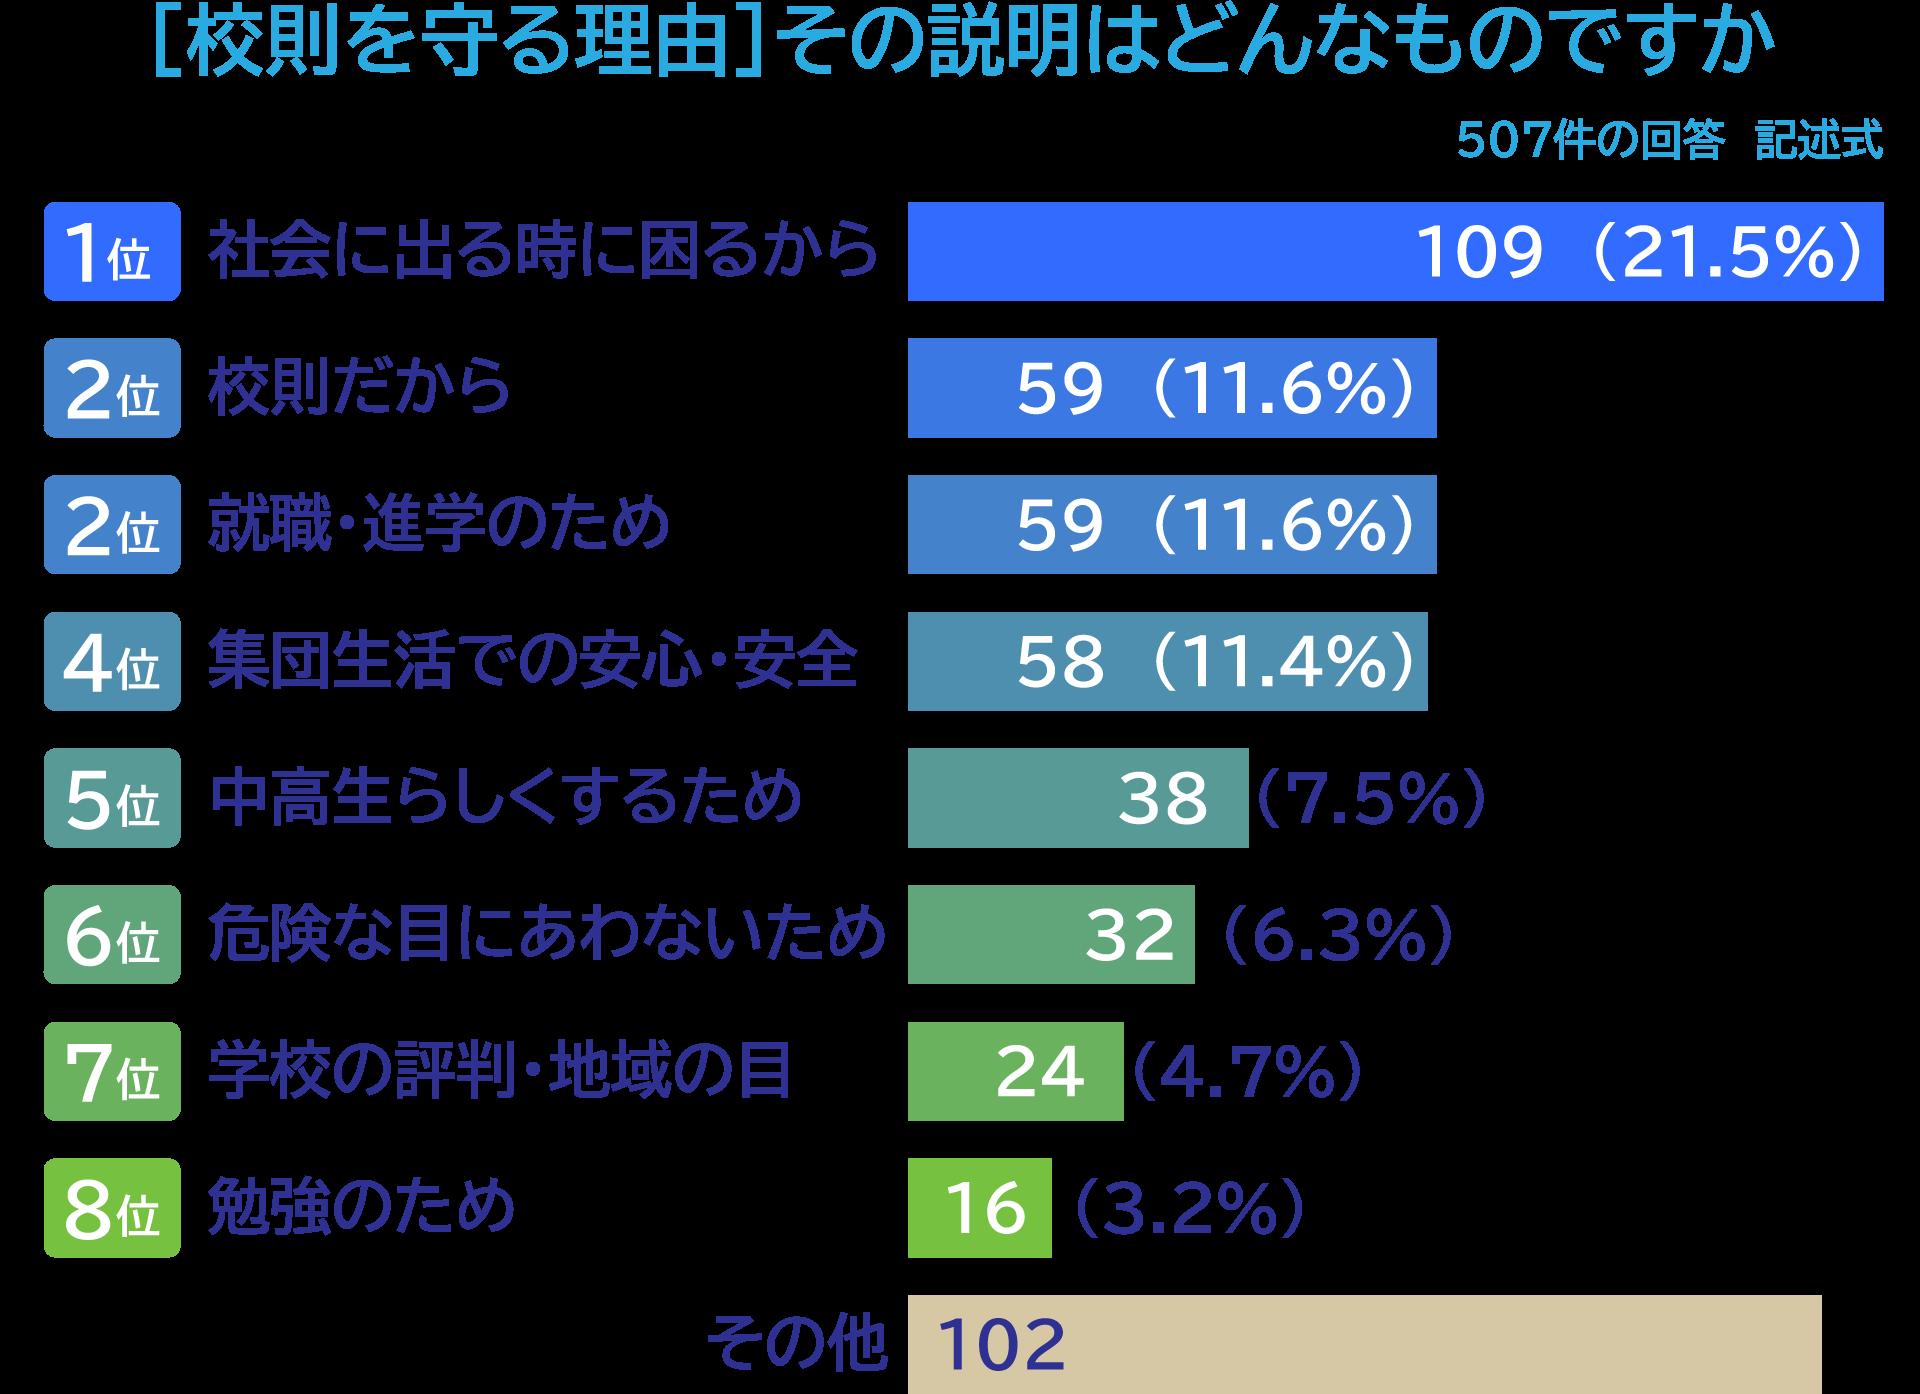 グラフ「[校則を守る理由]その説明はどんなものですか」507件の回答 記述式。1位「社会に出る時に困るから」109(21.5%)、2位「校則だから」59(11.6%)、2位「就職・進学のため」59(11.6%)、4位「集団生活での安心・安全」58(11.4%)、5位「中高生らしくするため」38(7.5%)、6位「危険な目にあわないため」32(6.3%)、7位「学校の評判・地域の目」24(4.7%)、8位「勉強のため」16(3.2%)、「その他」102